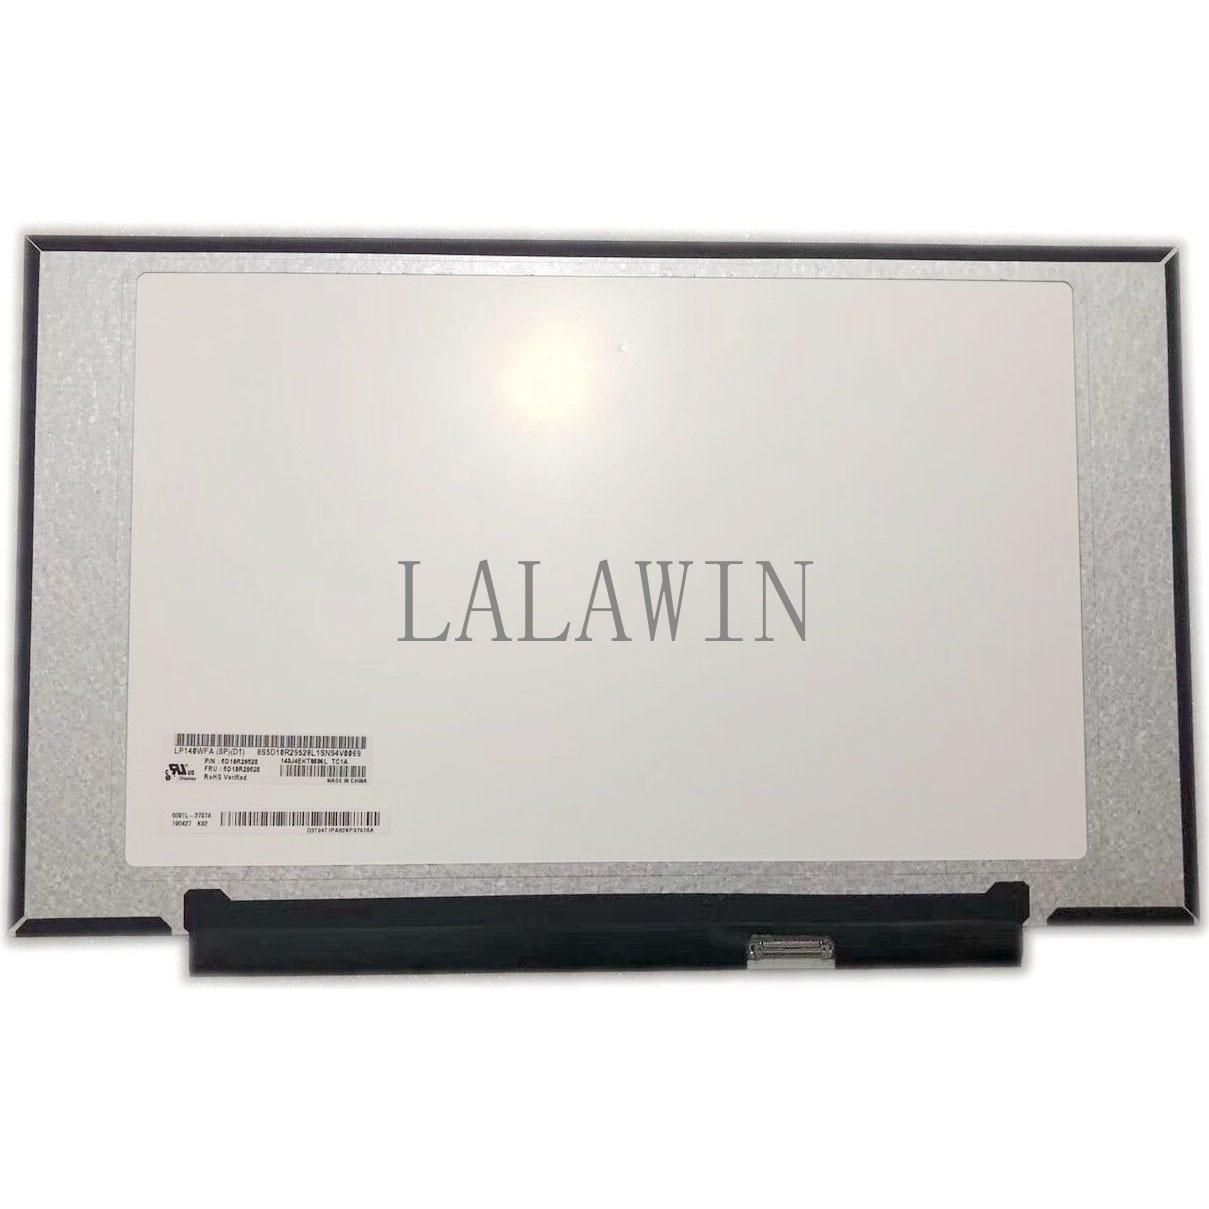 LP140WFA SPD1 fit LP140WFA-SPD1 LCD SCREEN PANEL Matrix 1920X1080